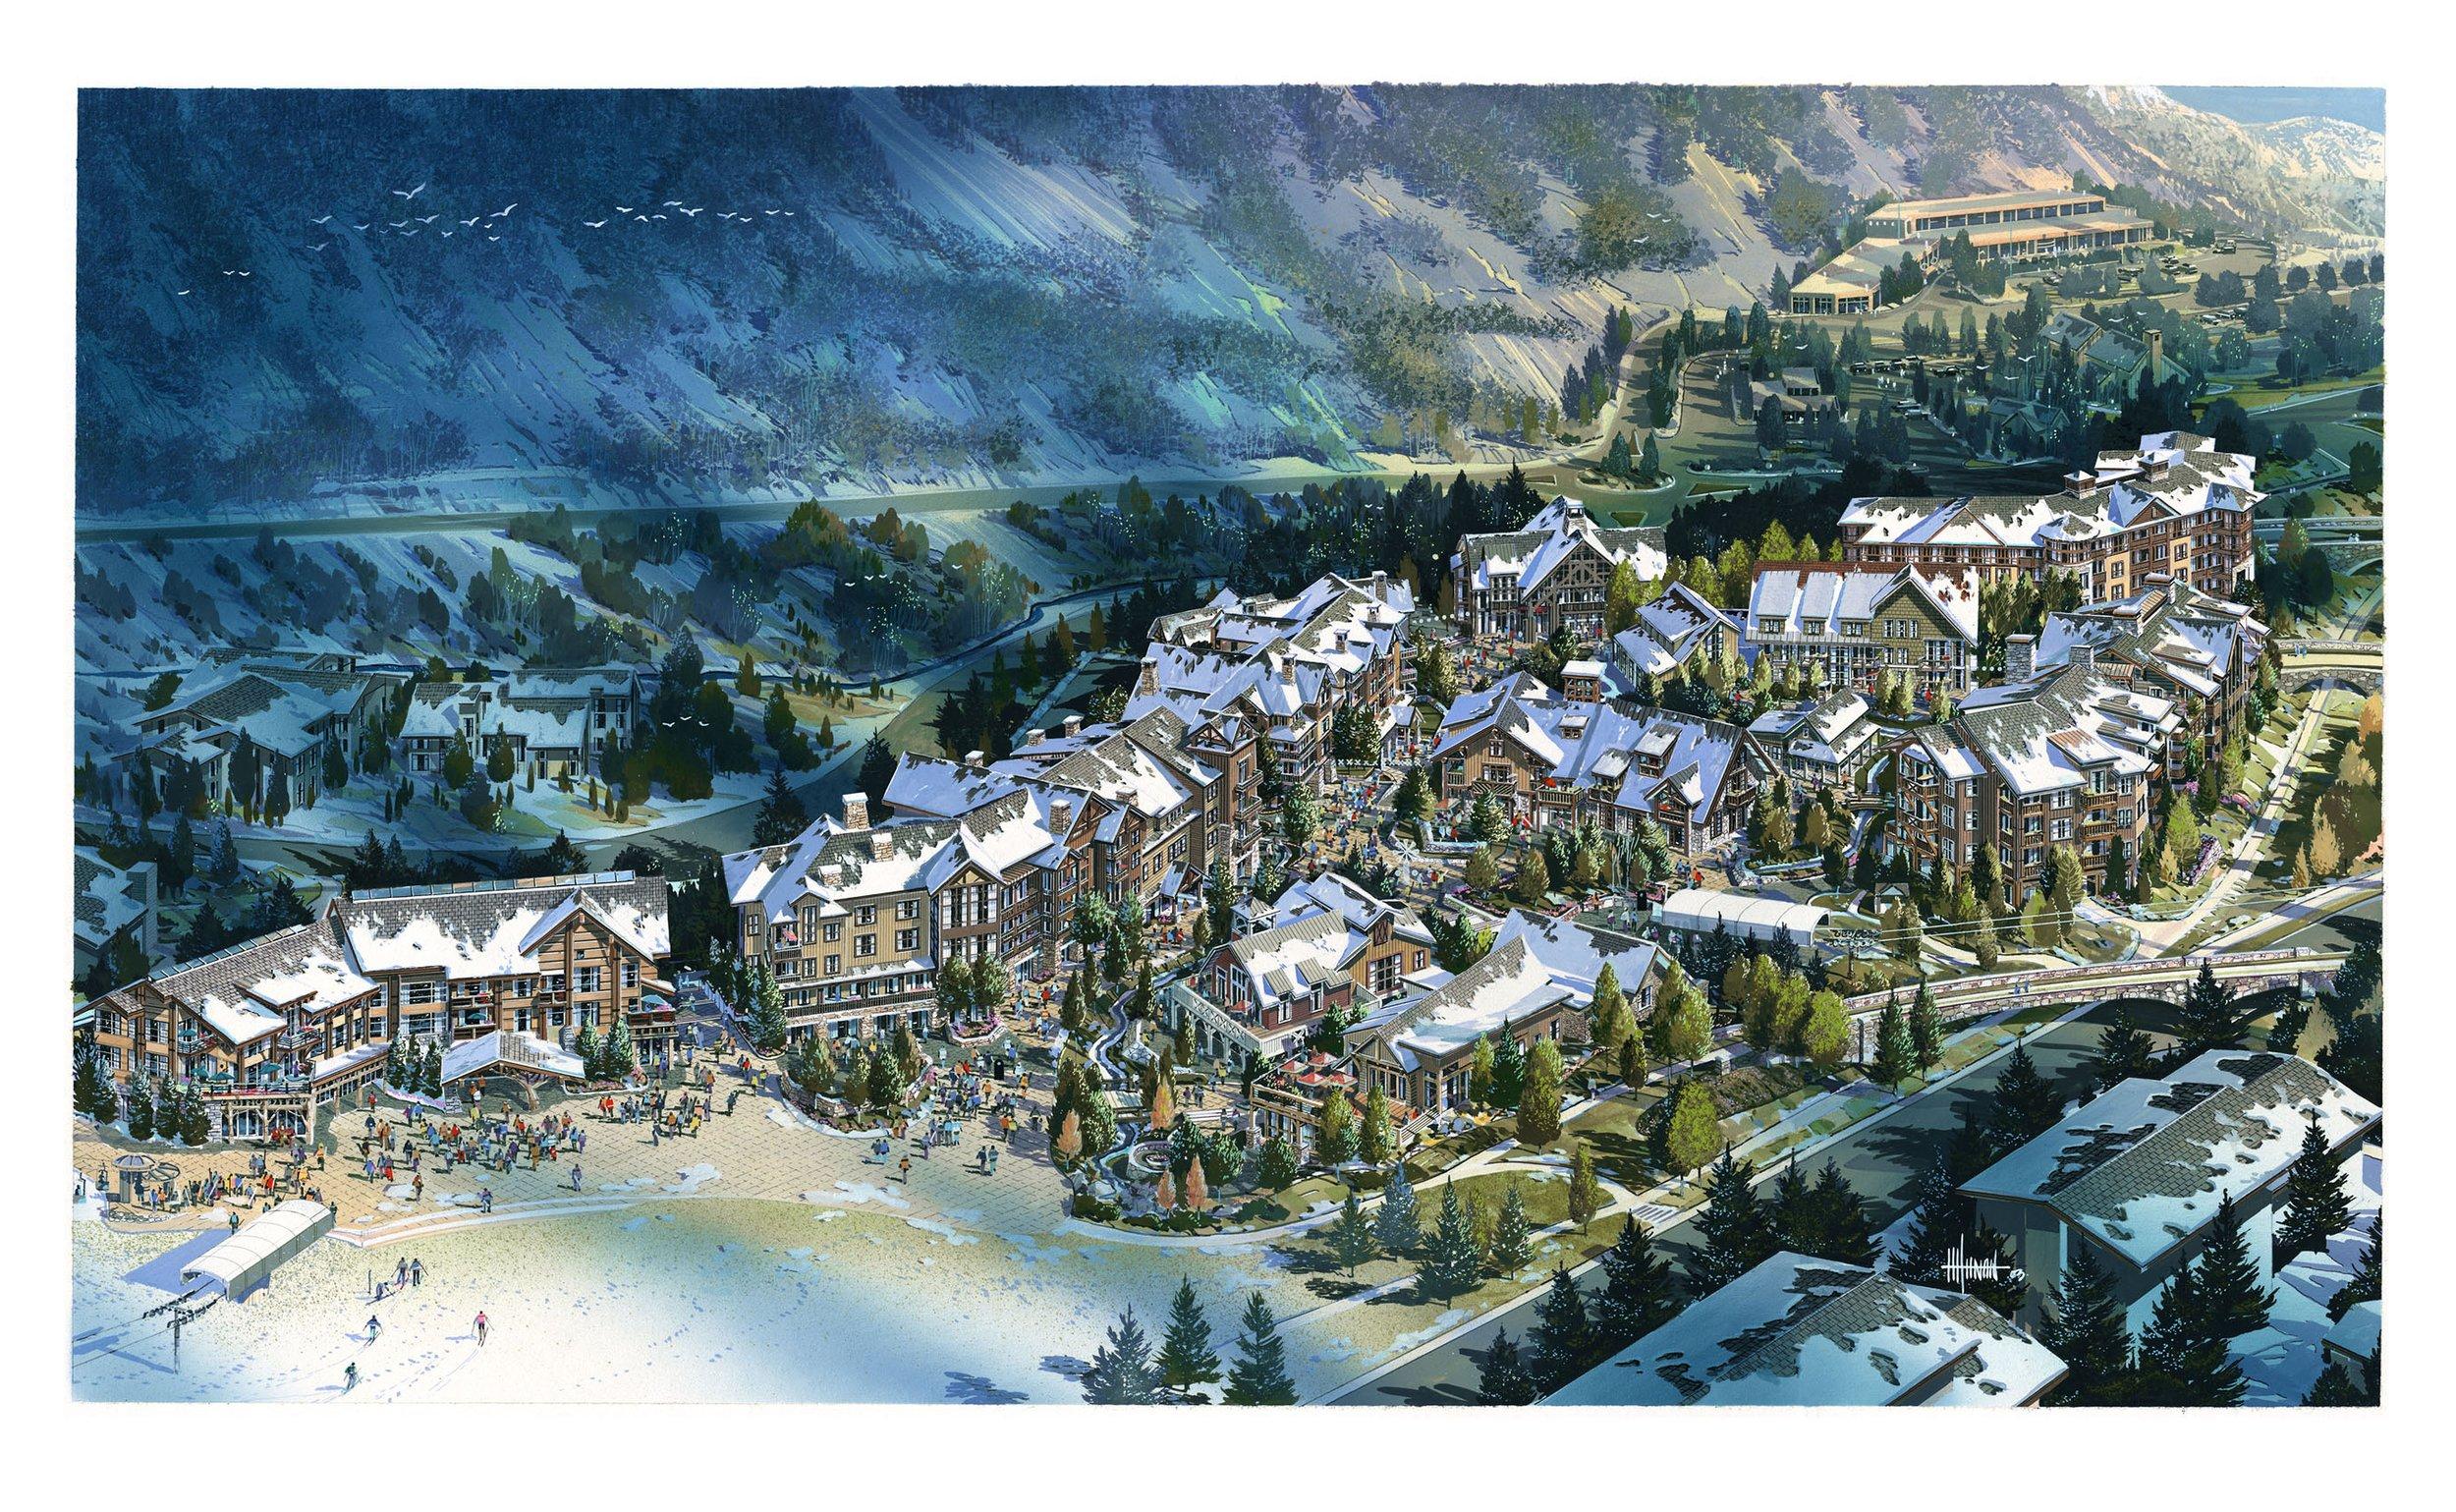 <f>Services</f><f>LandscapeArchitecture</f><f>Planning</f><f>Markets</f><f>Hospitality</f><t>Snowmass Village</t><m>Aspen, CO</m>